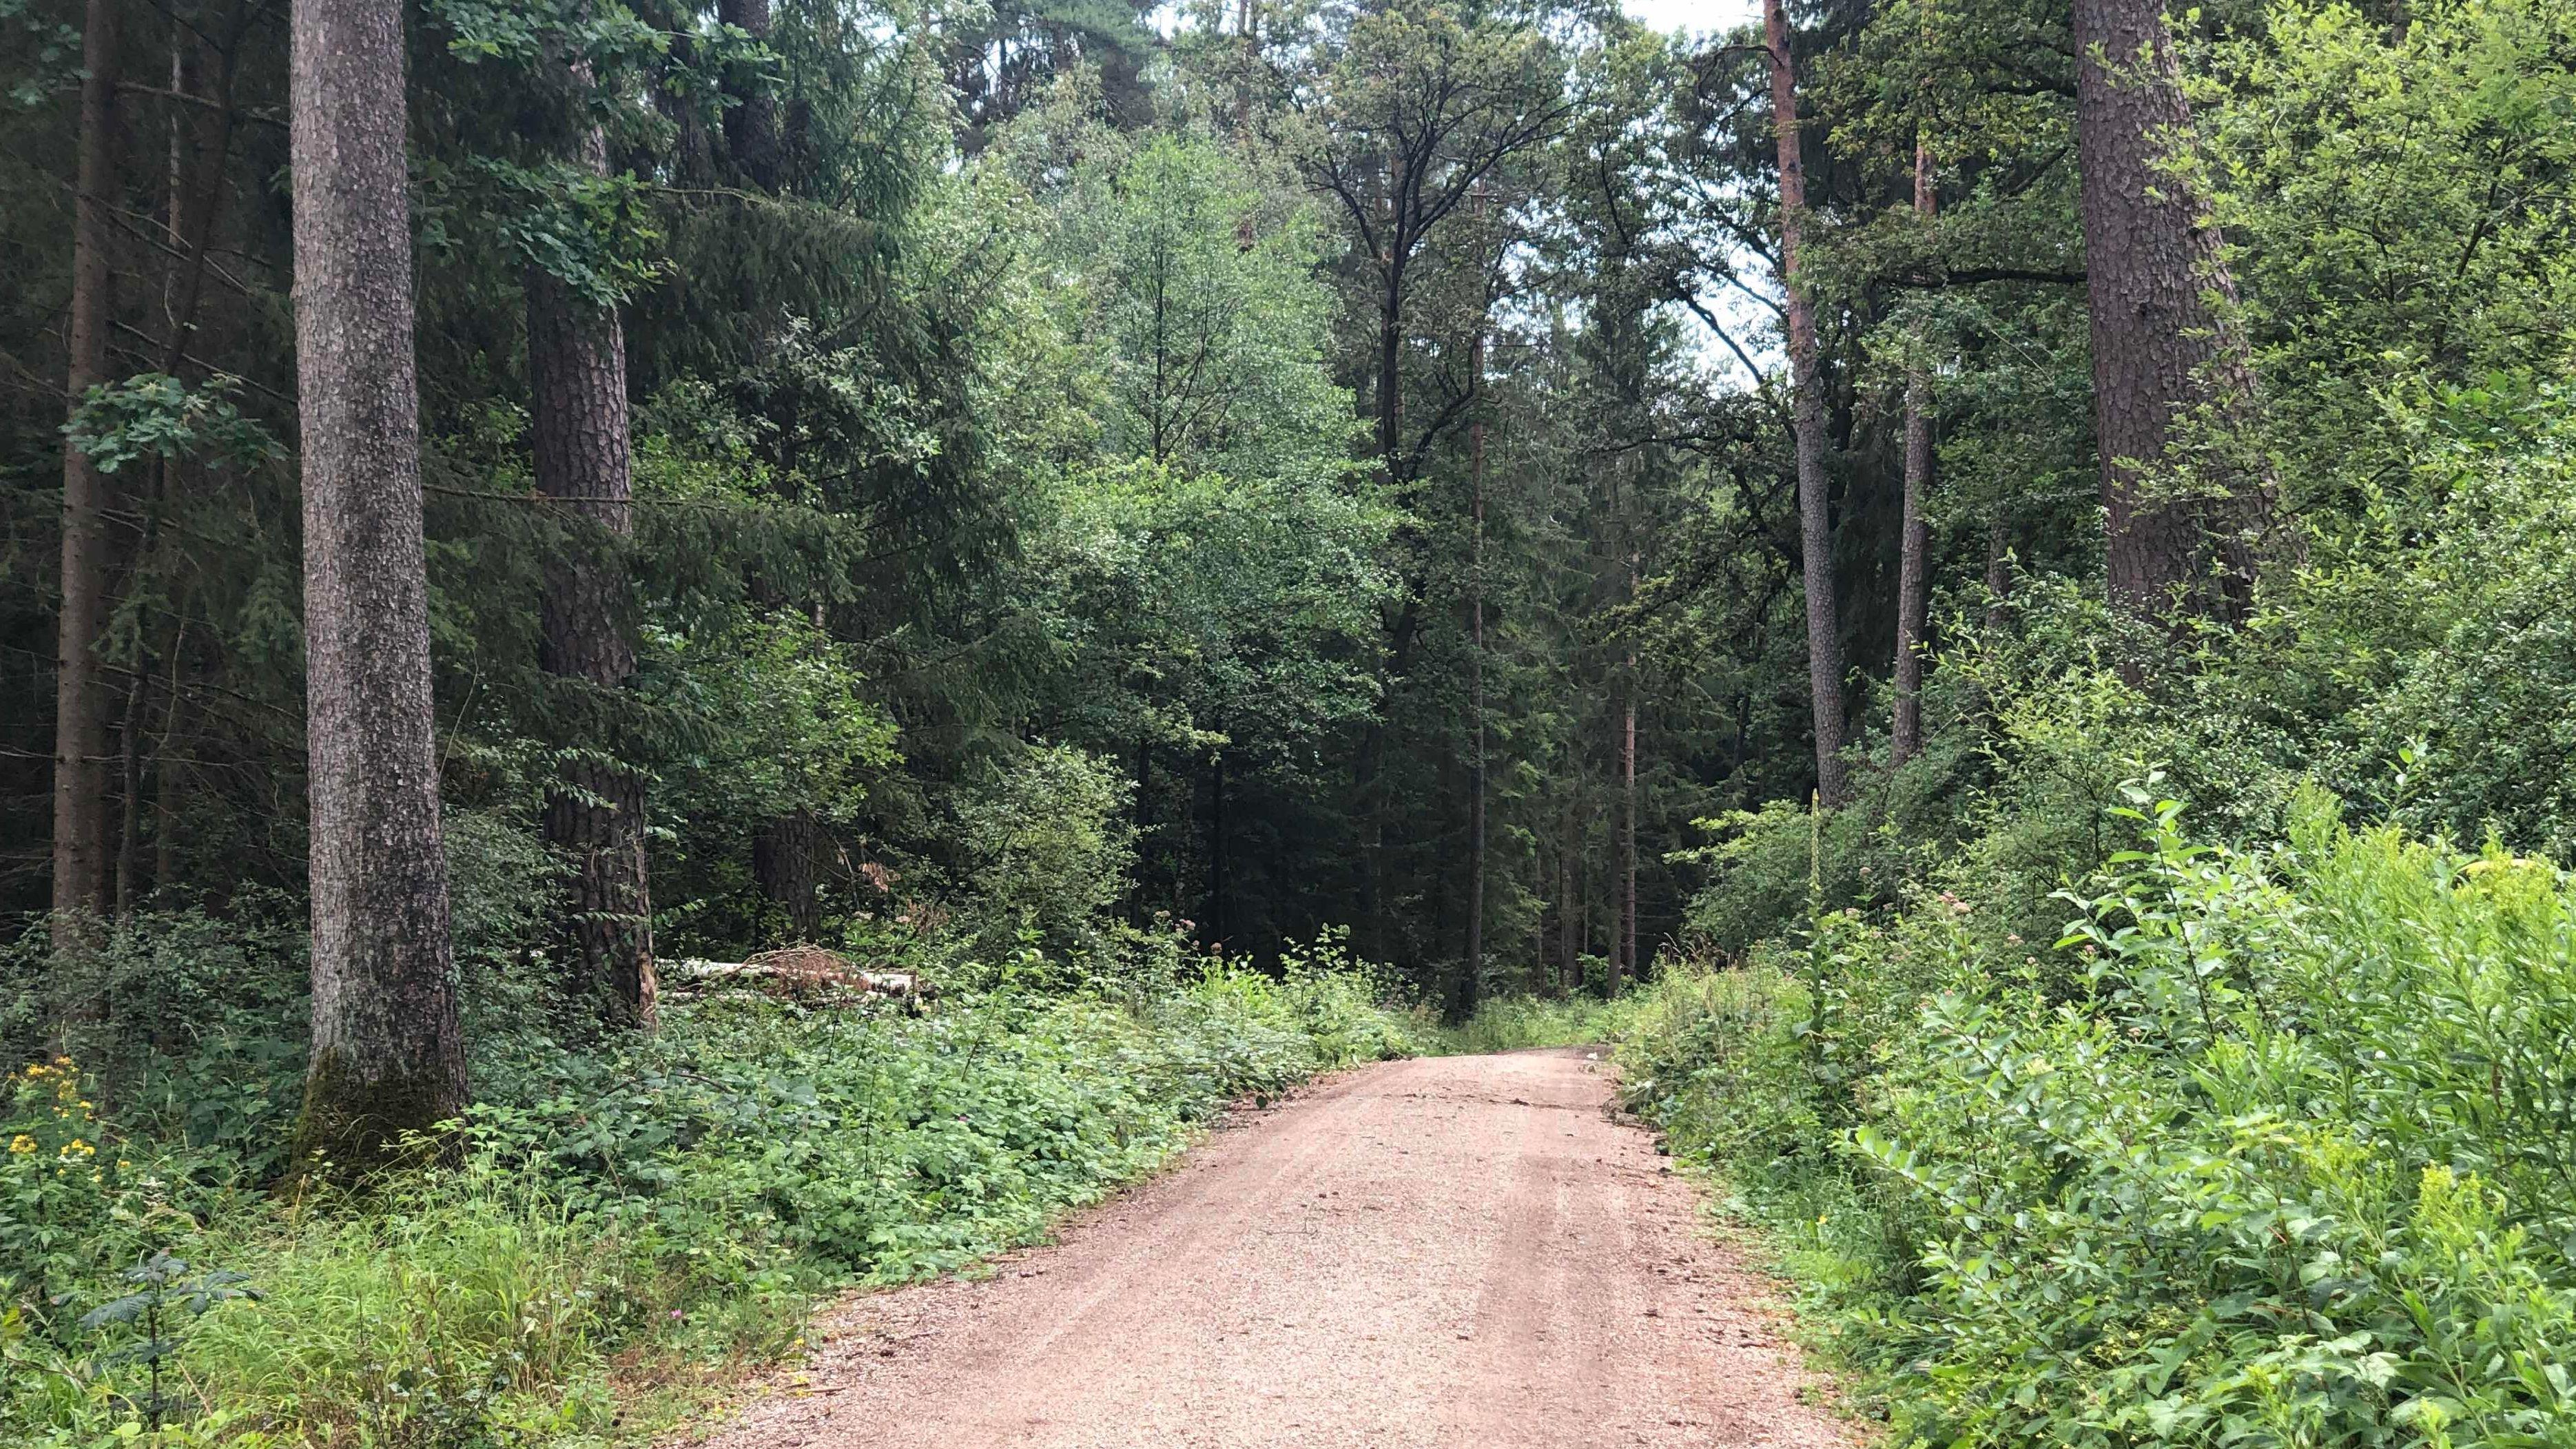 Waldweg bei Lauf an der Pegnitz. Hier in der Nähe hat ein Pilzsammler am Morgen des 14.07 eine Männerleiche gefunden